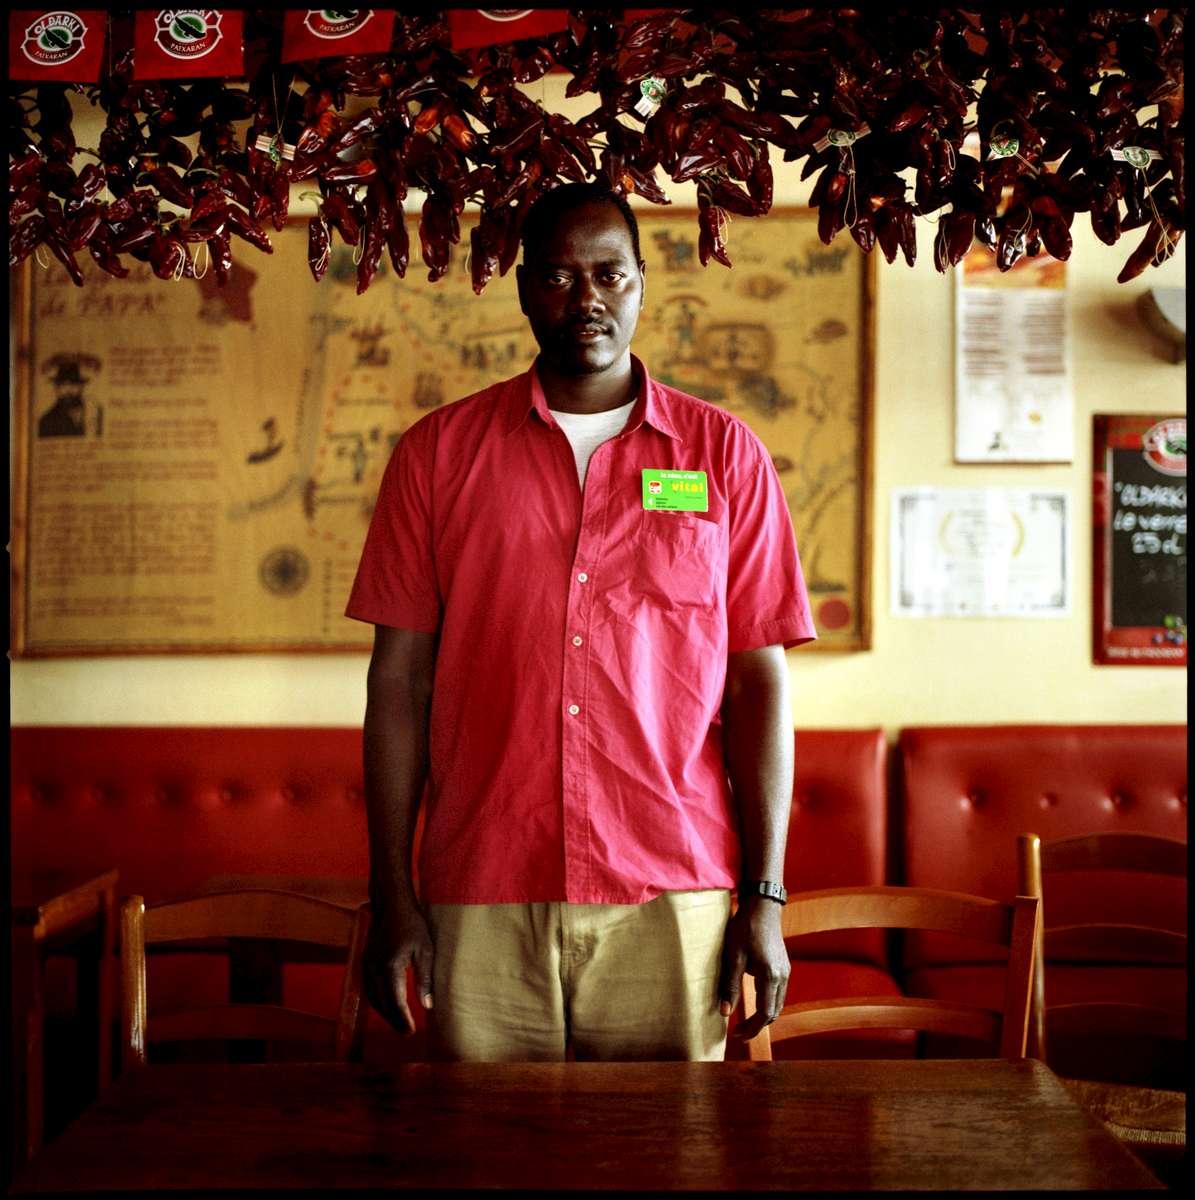 Kamara, employé sans papiers du restaurant CHEZ PAPA, est en grève et en attente de régularisation. A la date du 30 mai 2008, 23 des 39 travailleurs sans papiers de cette enseigne avaient déjà été régularisés. Ils occupent le restaurant CHEZ PAPA situé rue Lafayette à Paris depuis le 15 avril 2008.